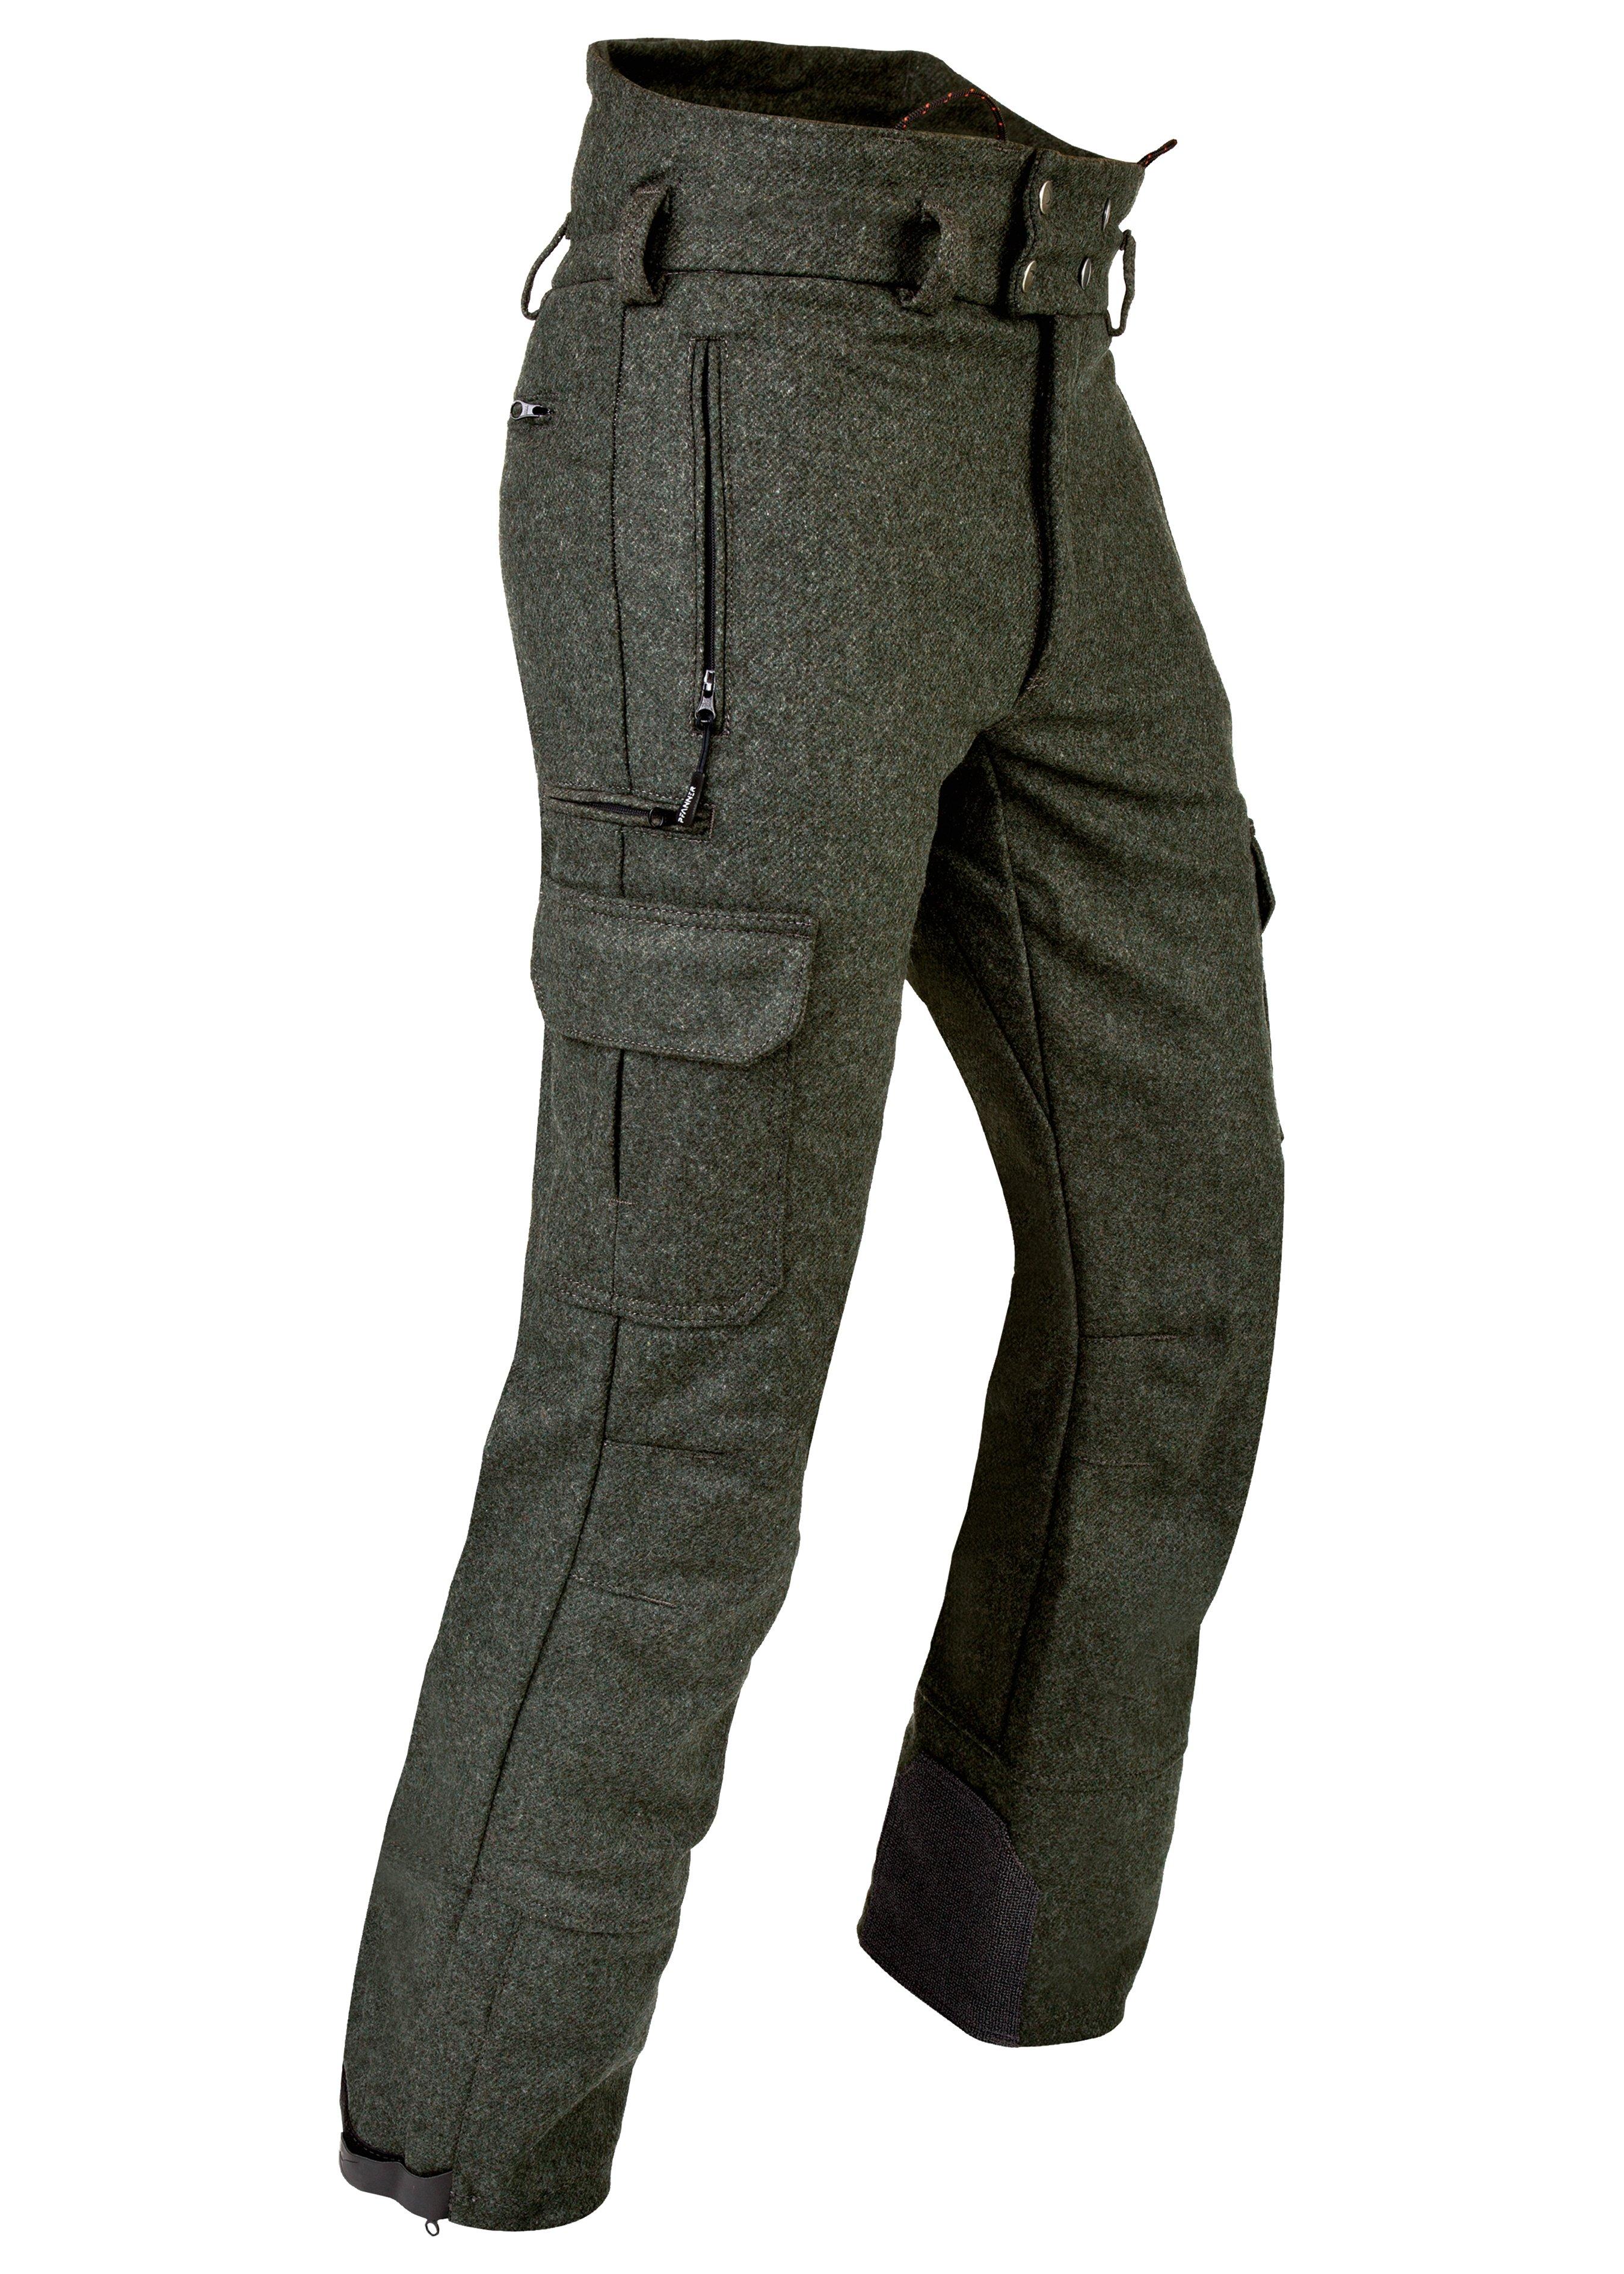 Pantalon de chasse en loden 288924XL 1